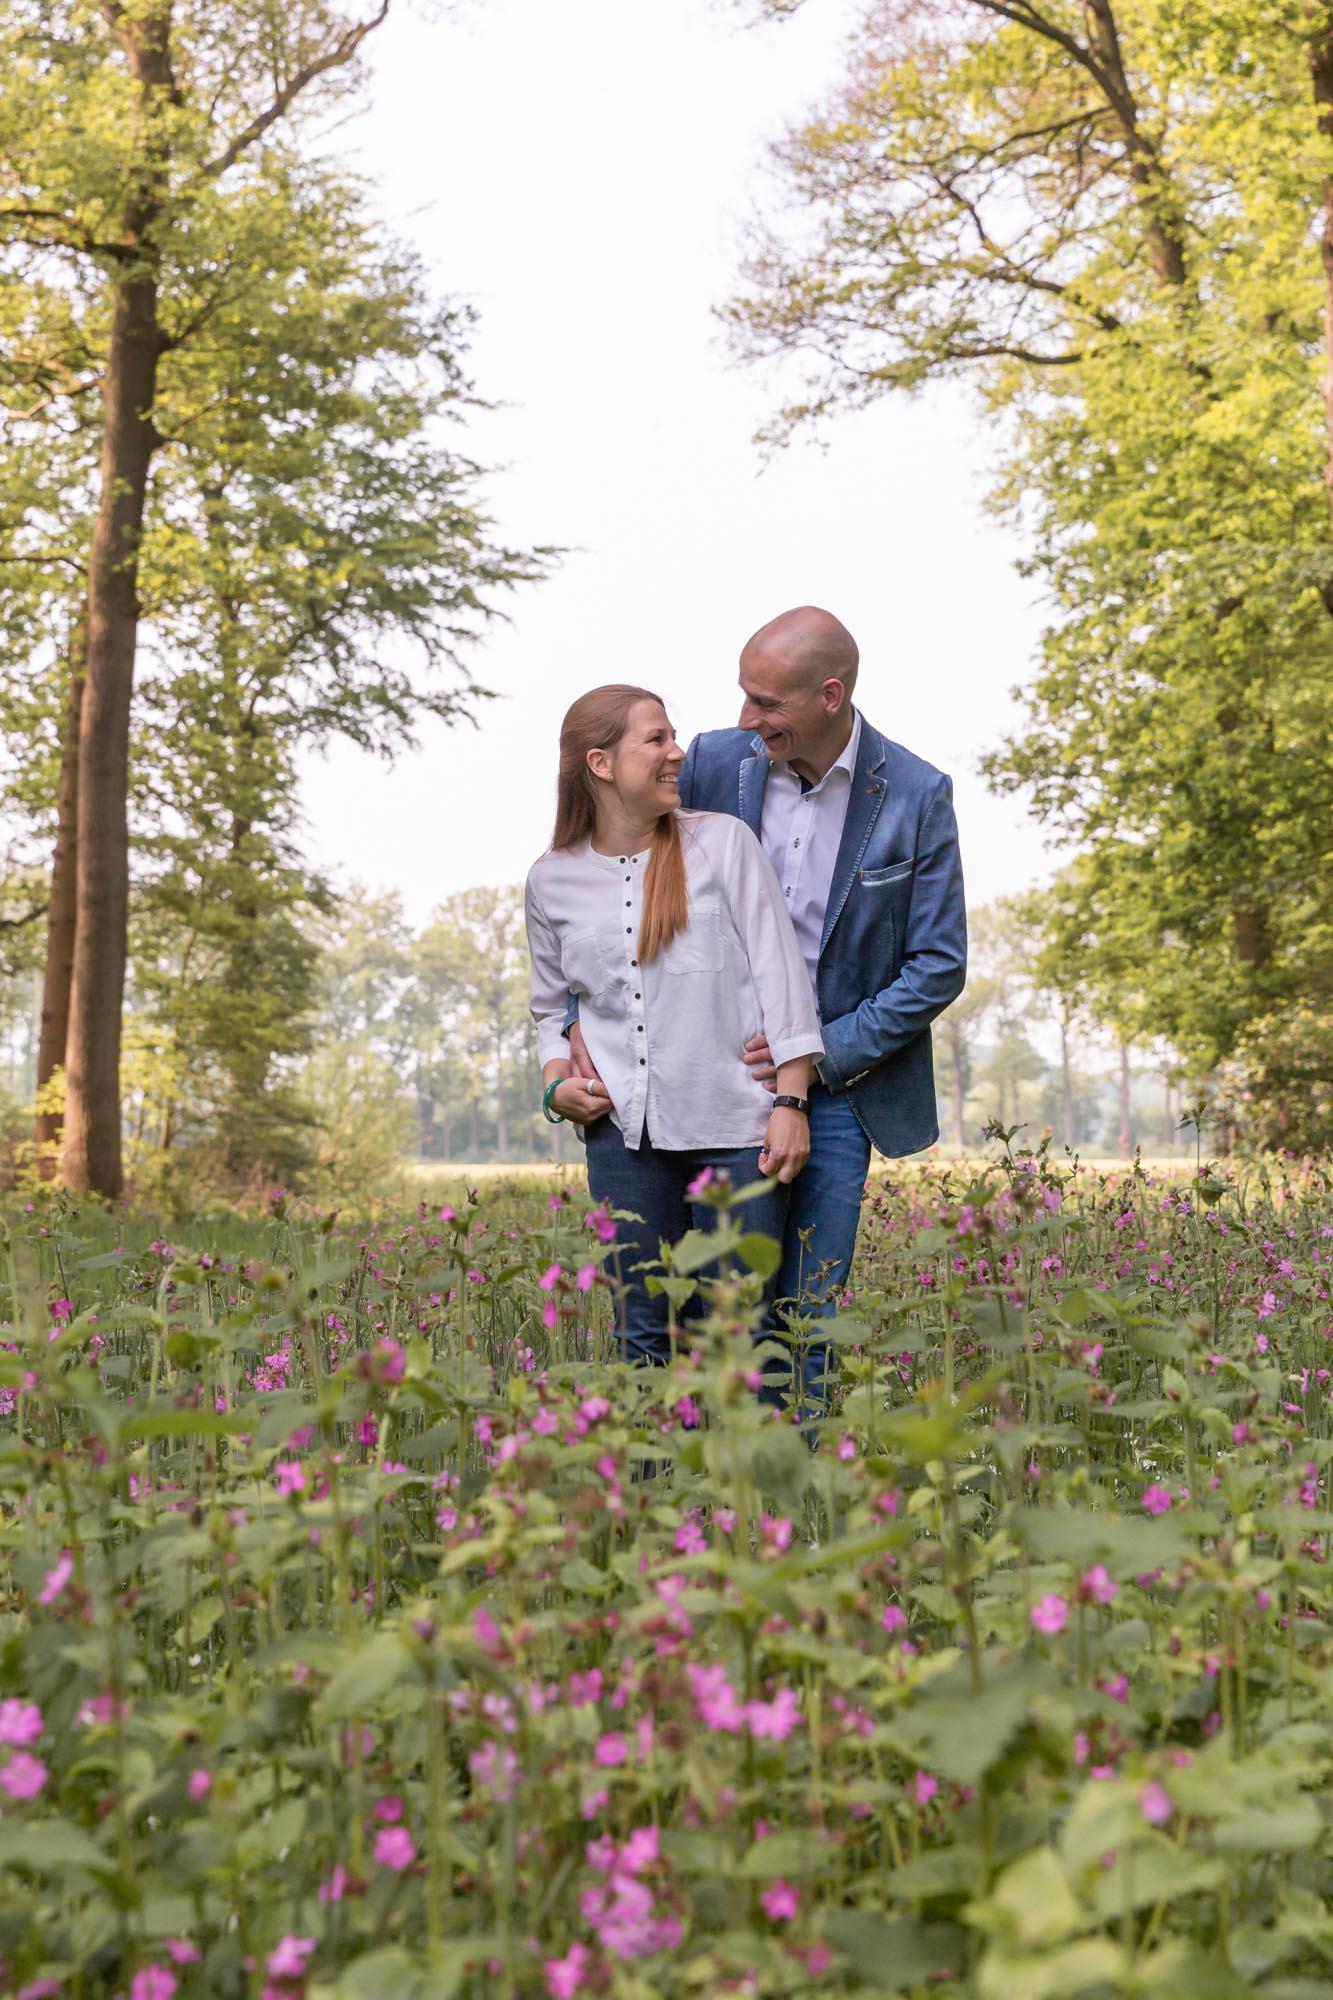 Loveshoot fotograaf in Amersfoort, Nijkerk, Hoevelaken en omgeving. Koppel fotoshoot door Mayra Fotografie bij Oldenaller.